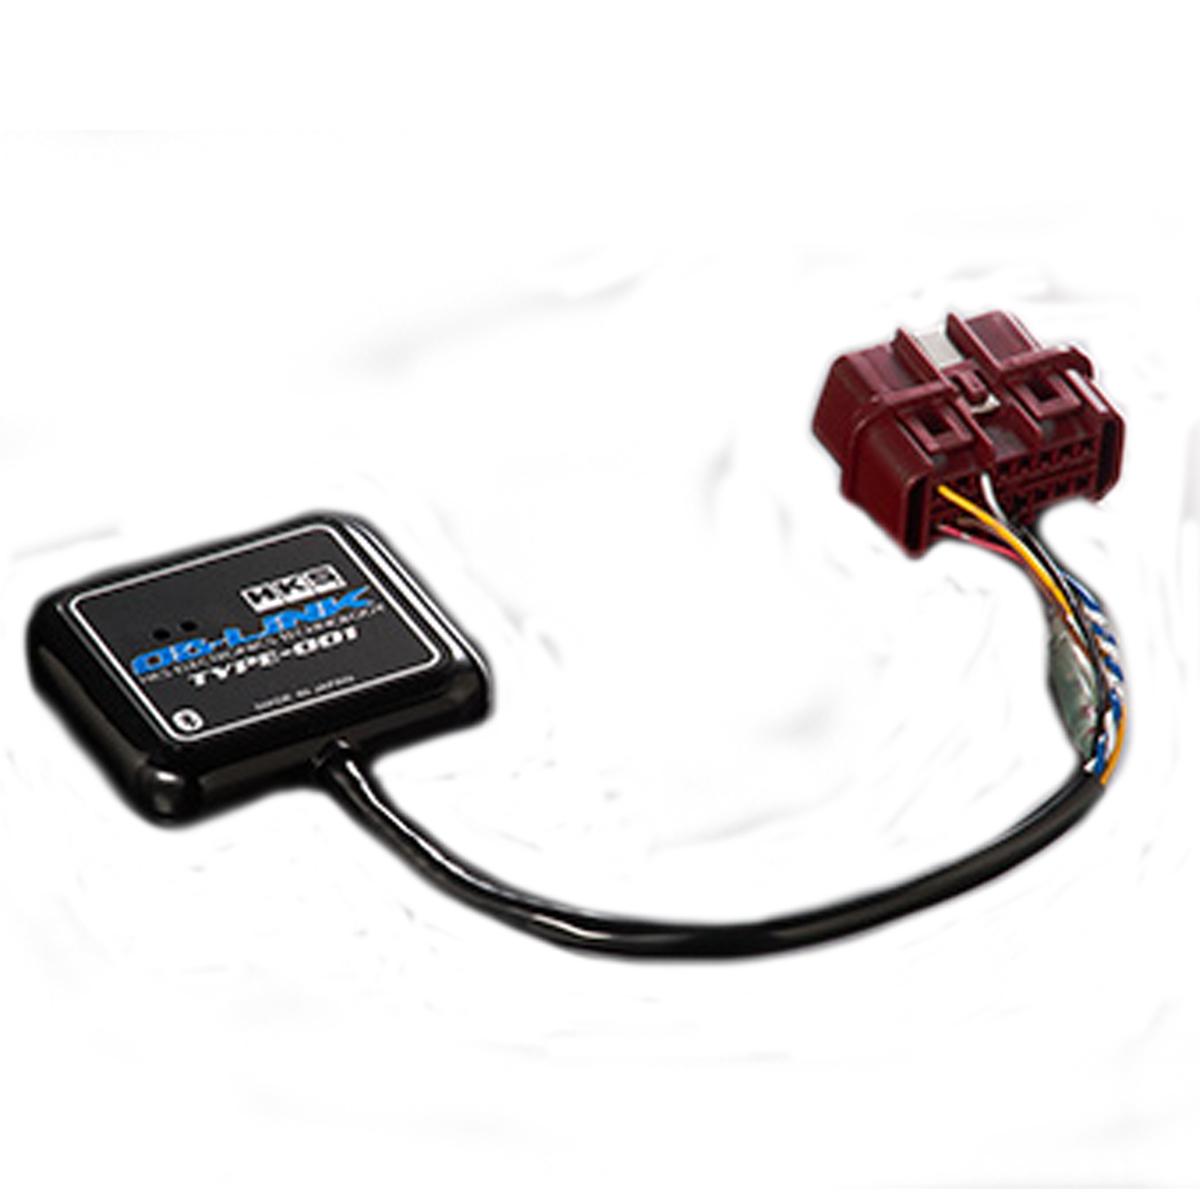 ブレビス モニター OBリンク タイプ 001 JCG15 HKS 44009-AK002 エレクトリニクス 個人宅発送追金有